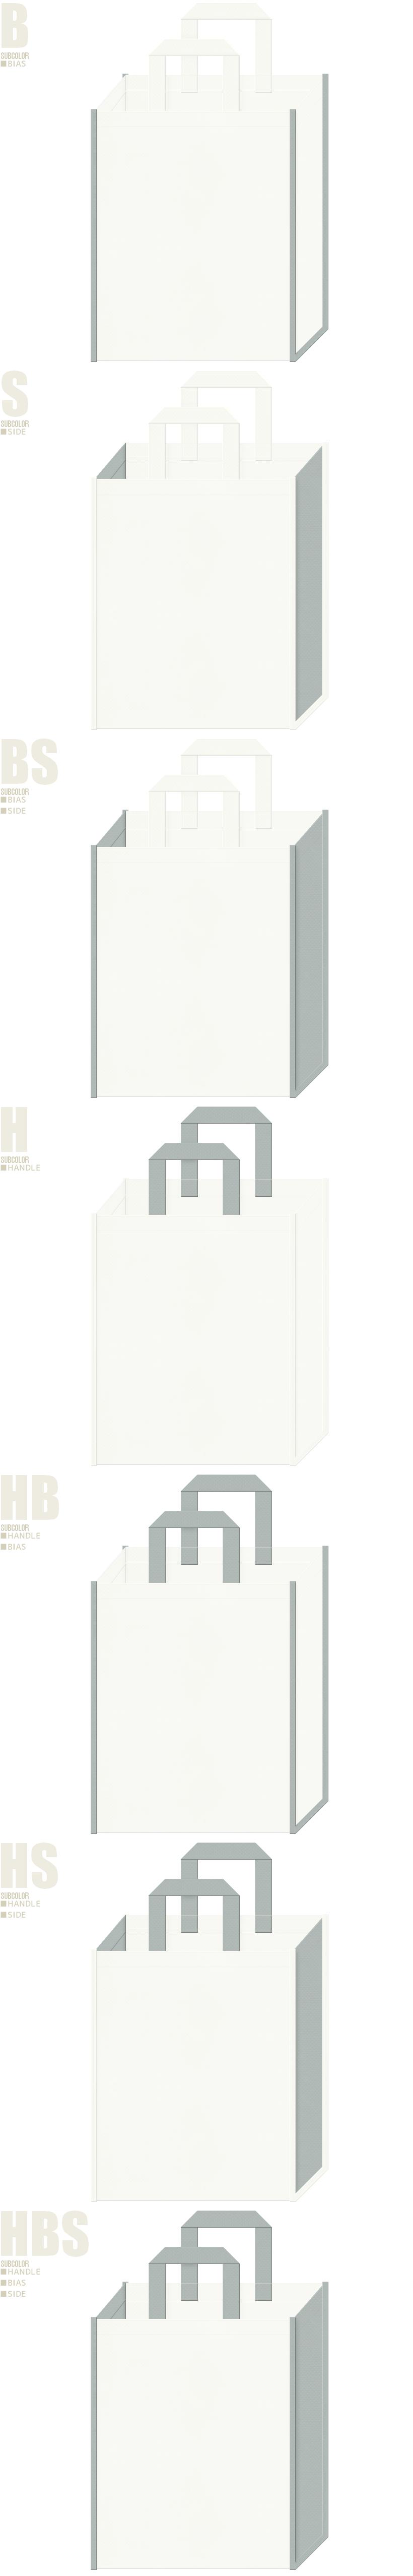 オフホワイト色とグレー色、7パターンの不織布トートバッグ配色デザイン例。都市計画・建築・設計・ビルメンテナンス・税務・行政セミナーの資料配布用バッグにお奨めです。鉄筋コンクリート風。